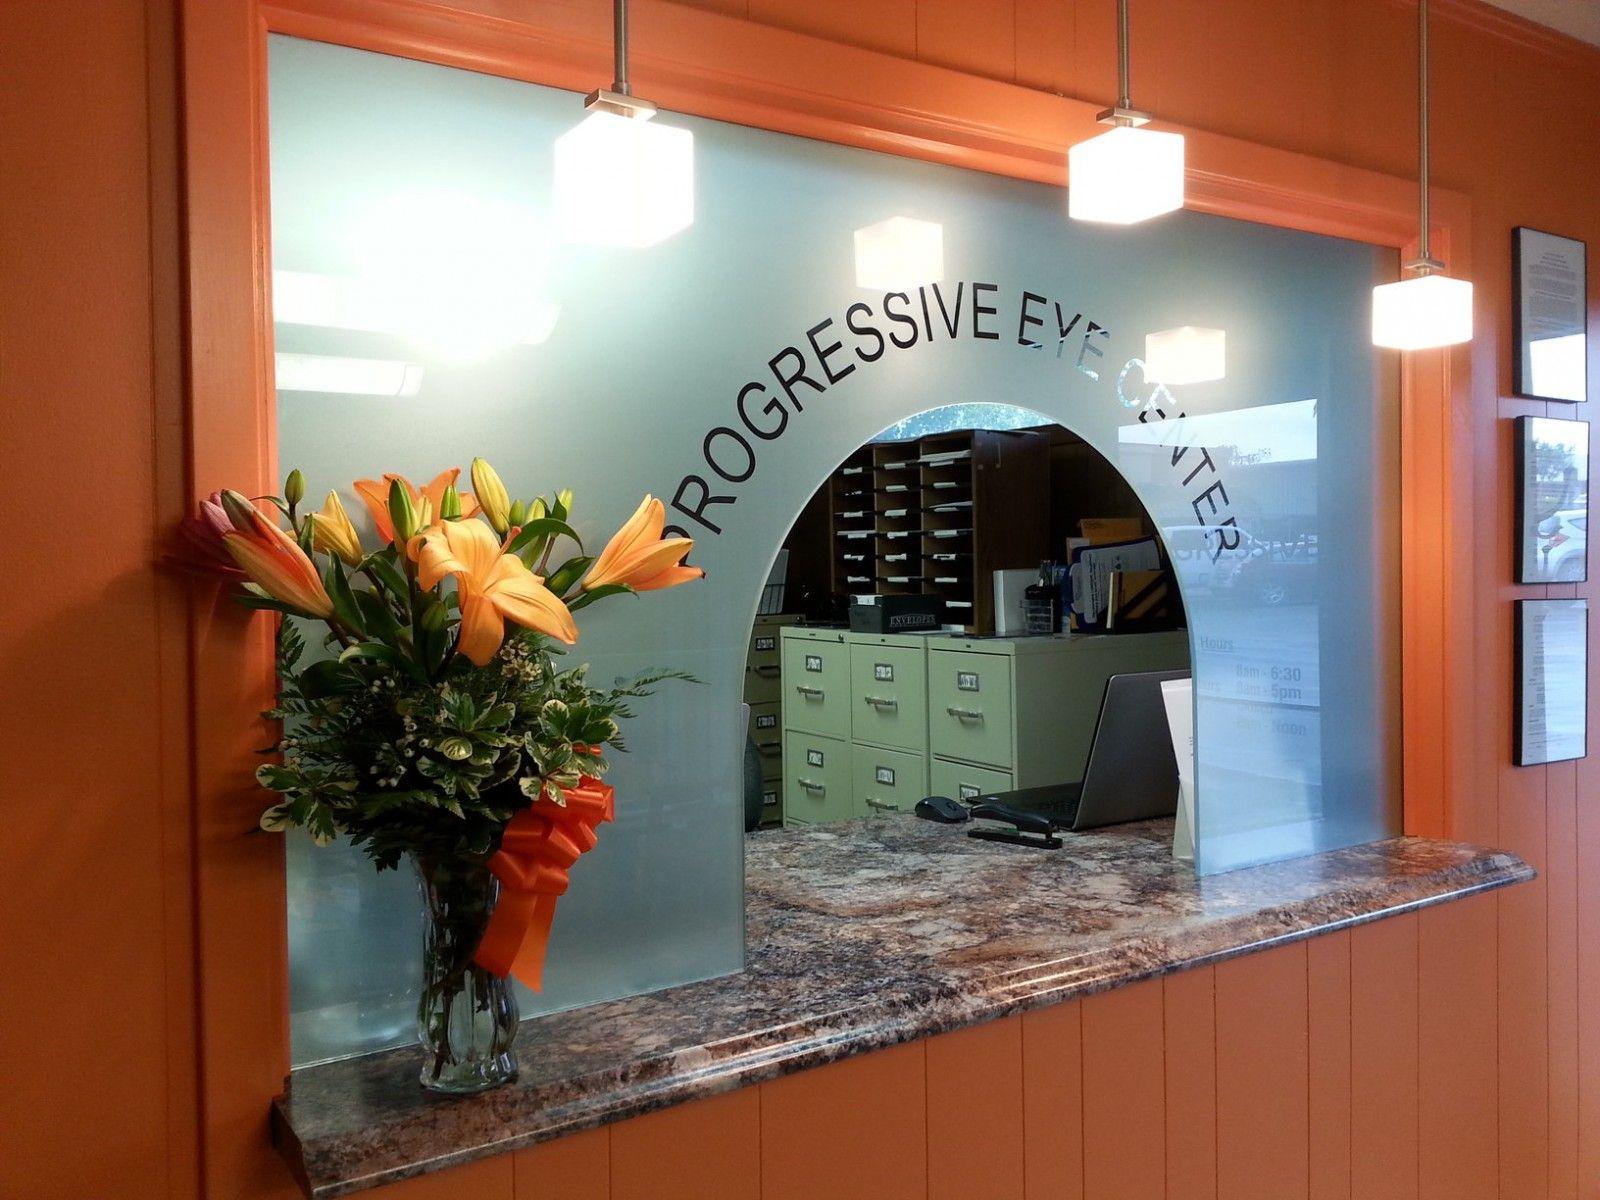 Progressive Eye Center | Eye center, Progress, Lighted ...